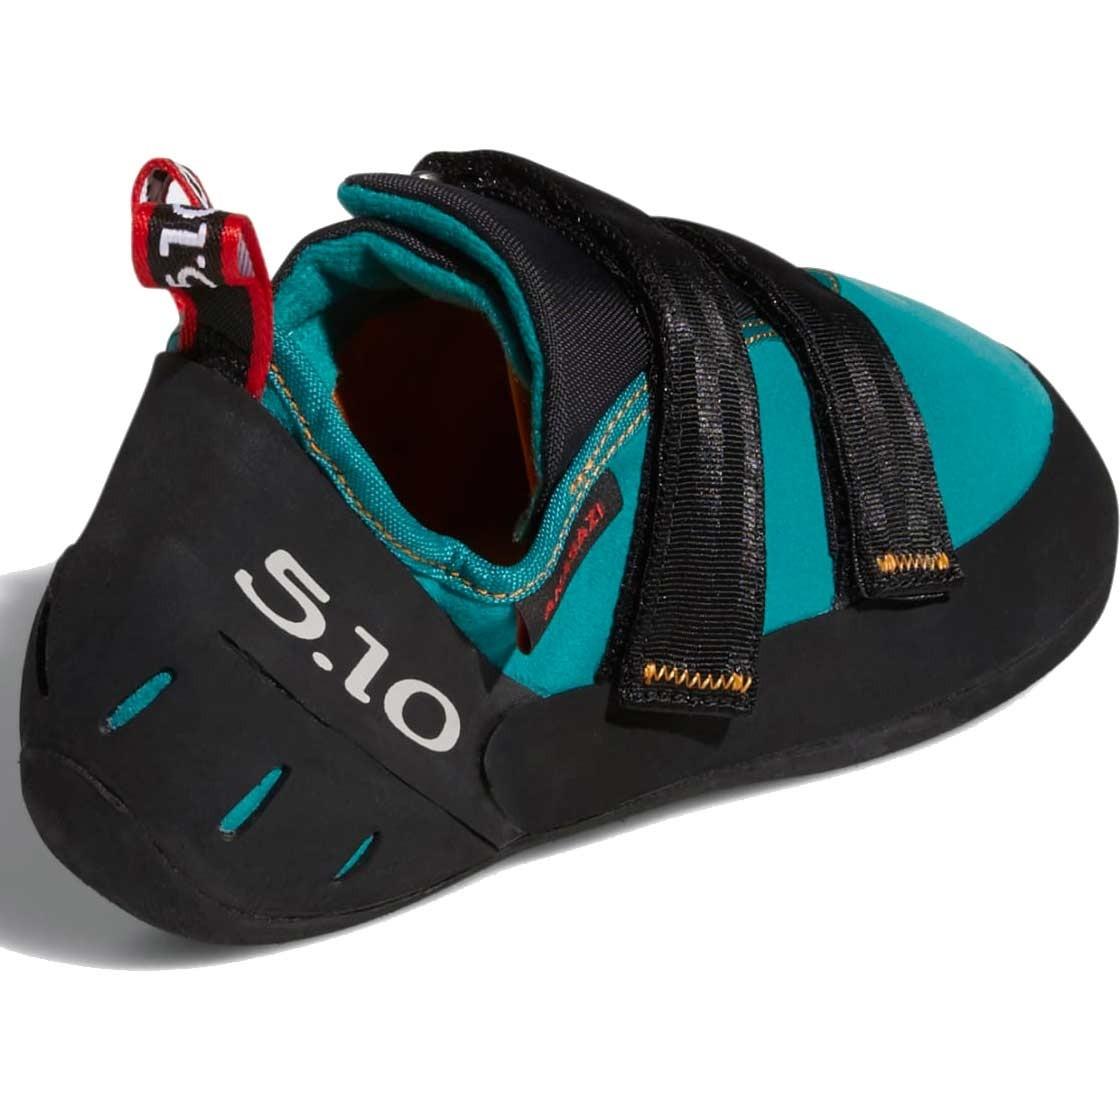 Five Ten Anasazi LV Climbing Shoe